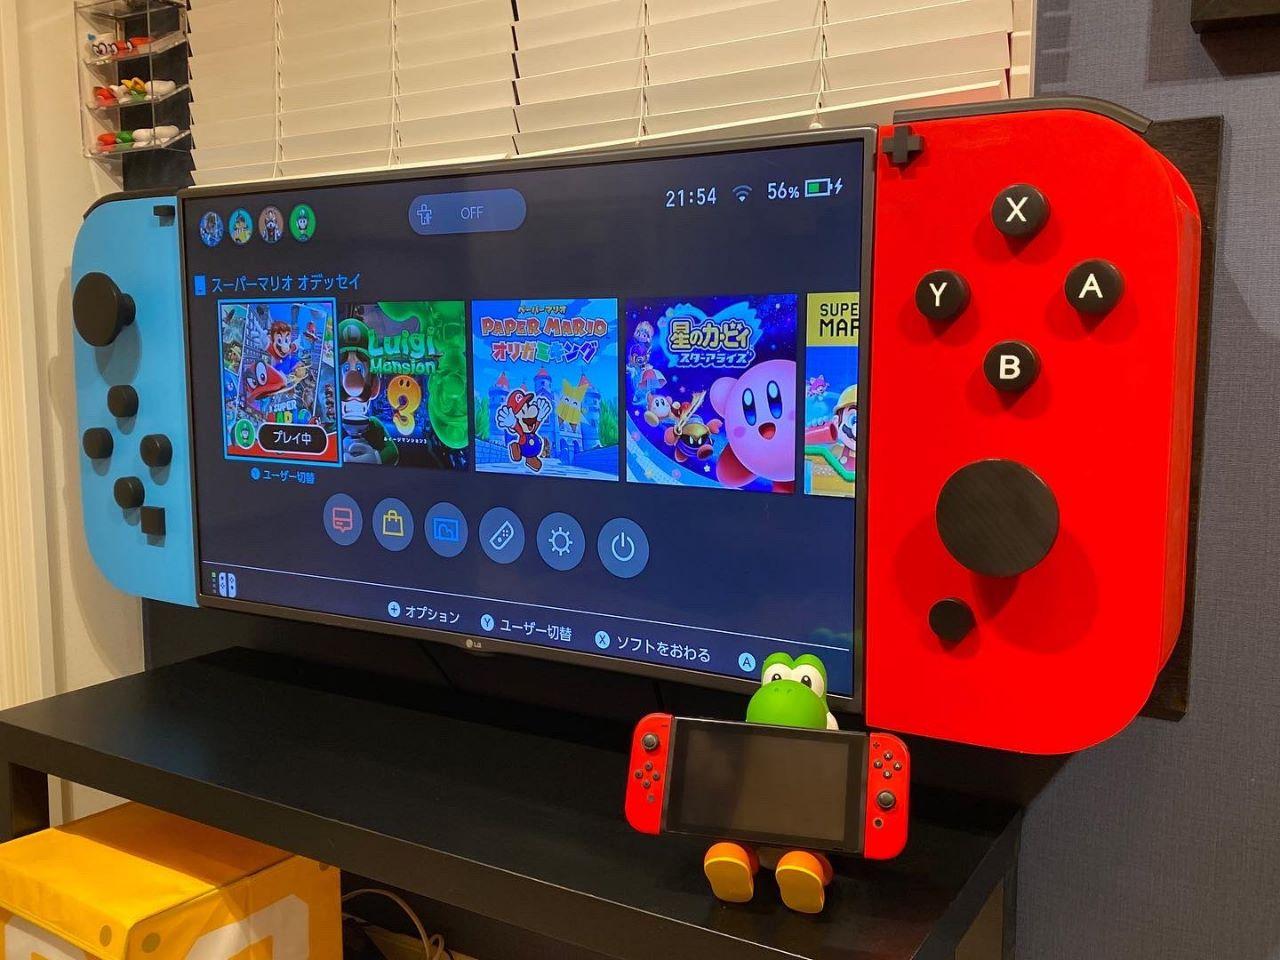 Una TV diventa un'enorme Nintendo Switch in Giappone, ed è ottima